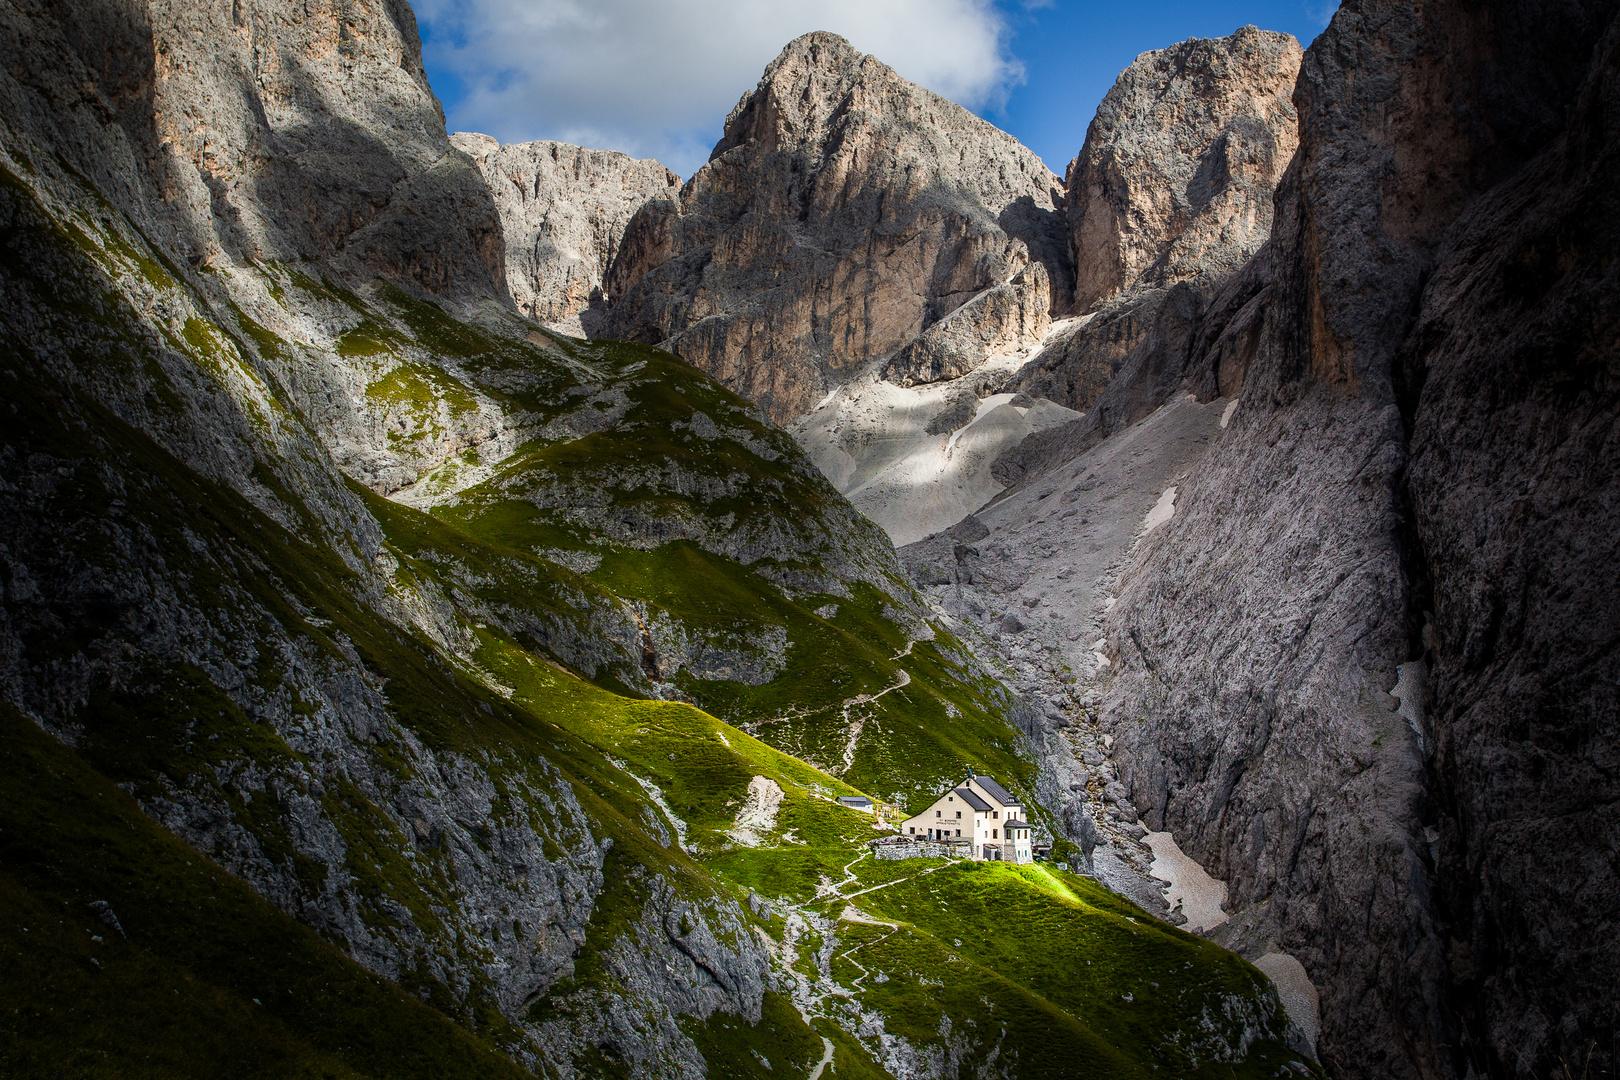 Rifugio Dolomiti